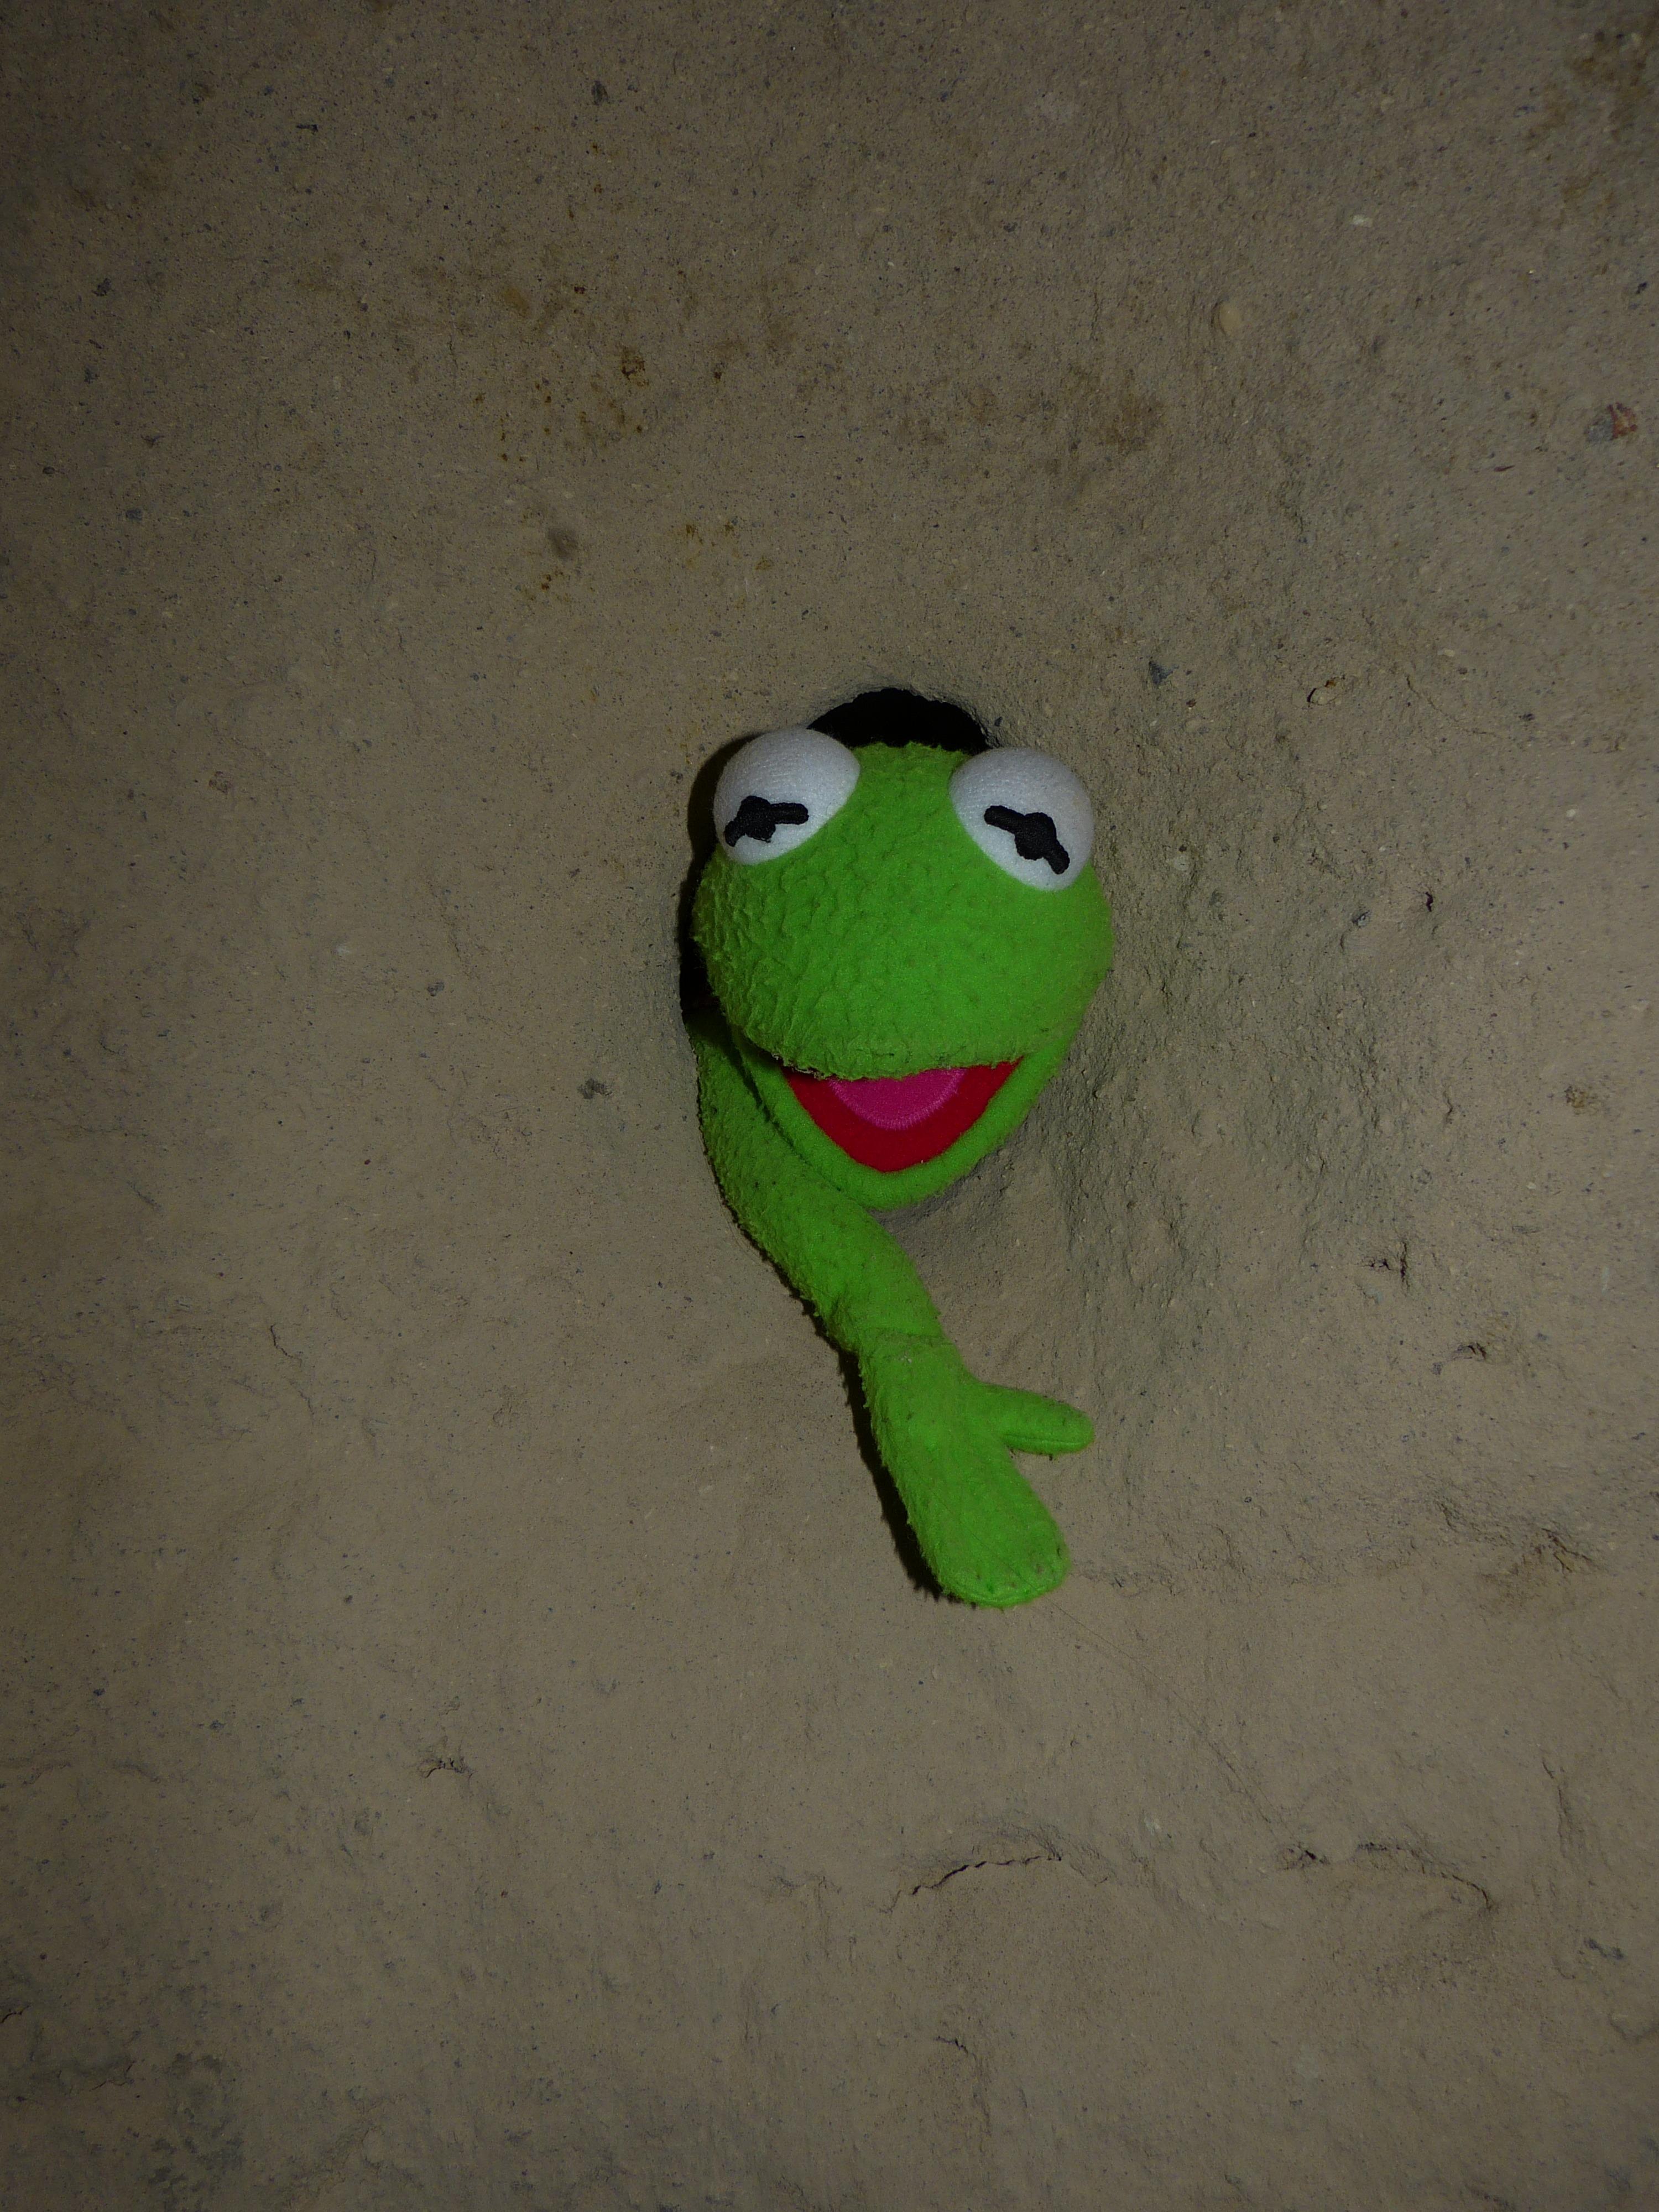 Fotos gratis : frío, agujero, número, pared, piedra, verde, rojo ...